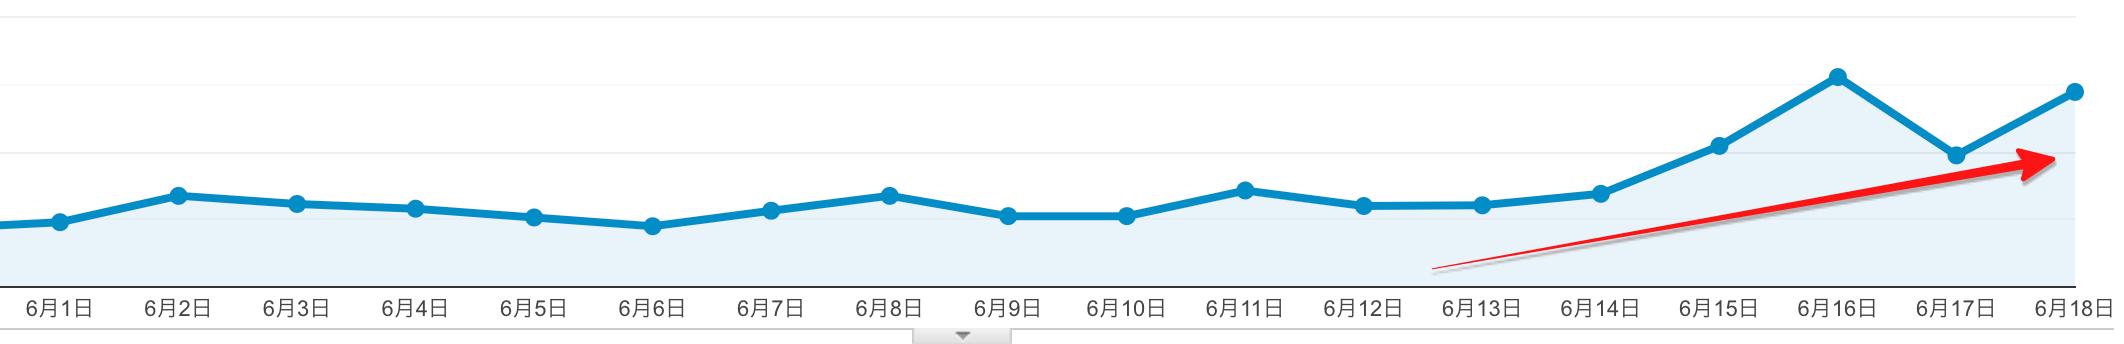 6月のコアアップデートでクリック率が上がった